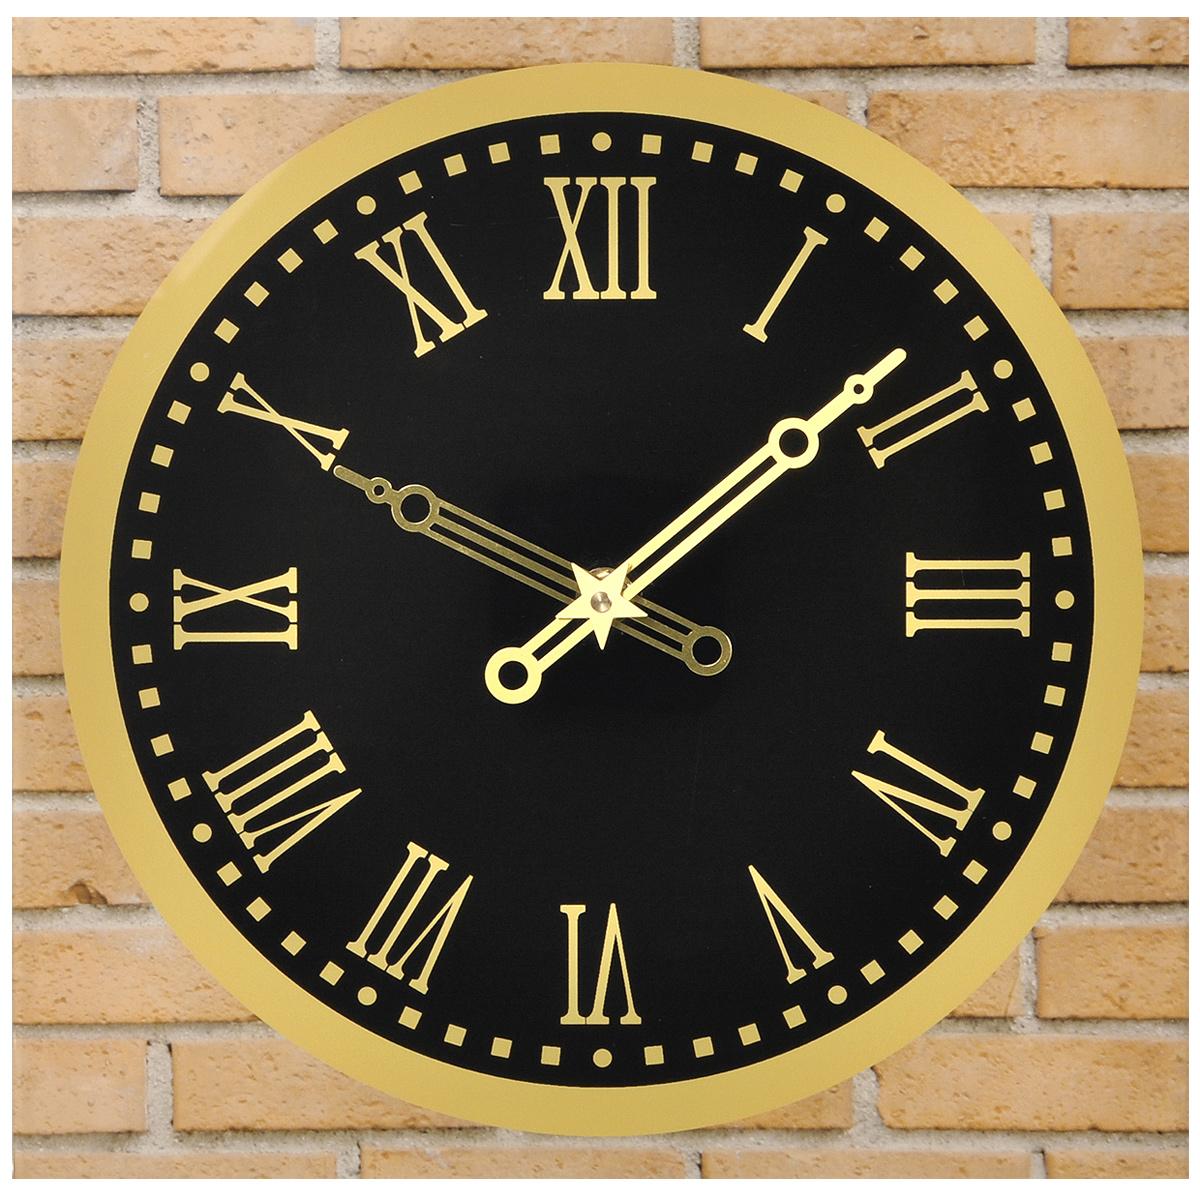 Часы настенные Куранты, стеклянные. 9601196011Оригинальные настенные часы Куранты круглой формы выполнены из стекла и оформлены изображением римских цифр. Часы имеют три стрелки - часовую, минутную и секундную. Циферблат часов не защищен. Необычное дизайнерское решение и качество исполнения придутся по вкусу каждому.Оформите совой дом таким интерьерным аксессуаром или преподнесите его в качестве презента друзьям, и они оценят ваш оригинальный вкус и неординарность подарка.